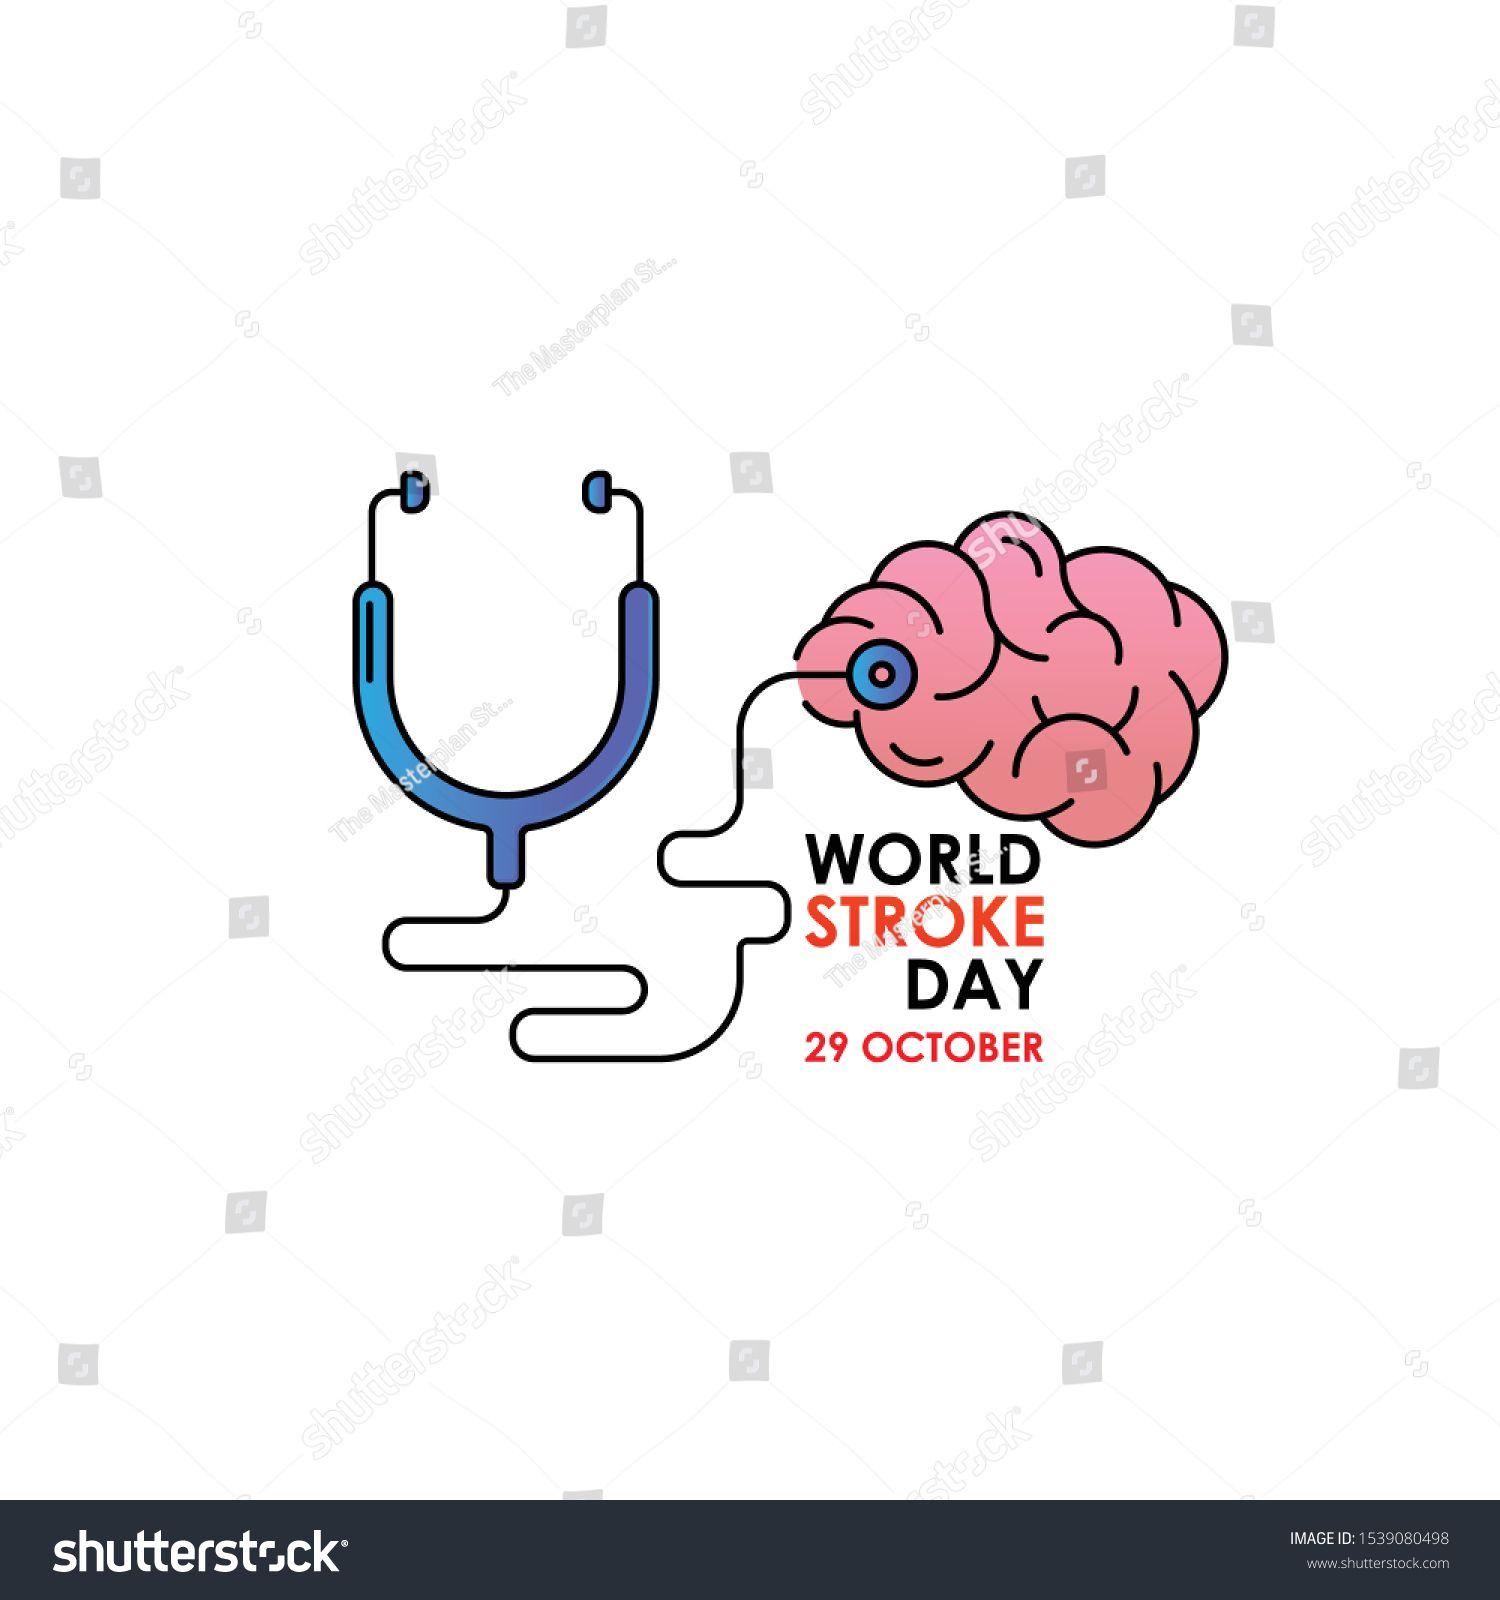 World Stroke Day Vector logo poster illustration of